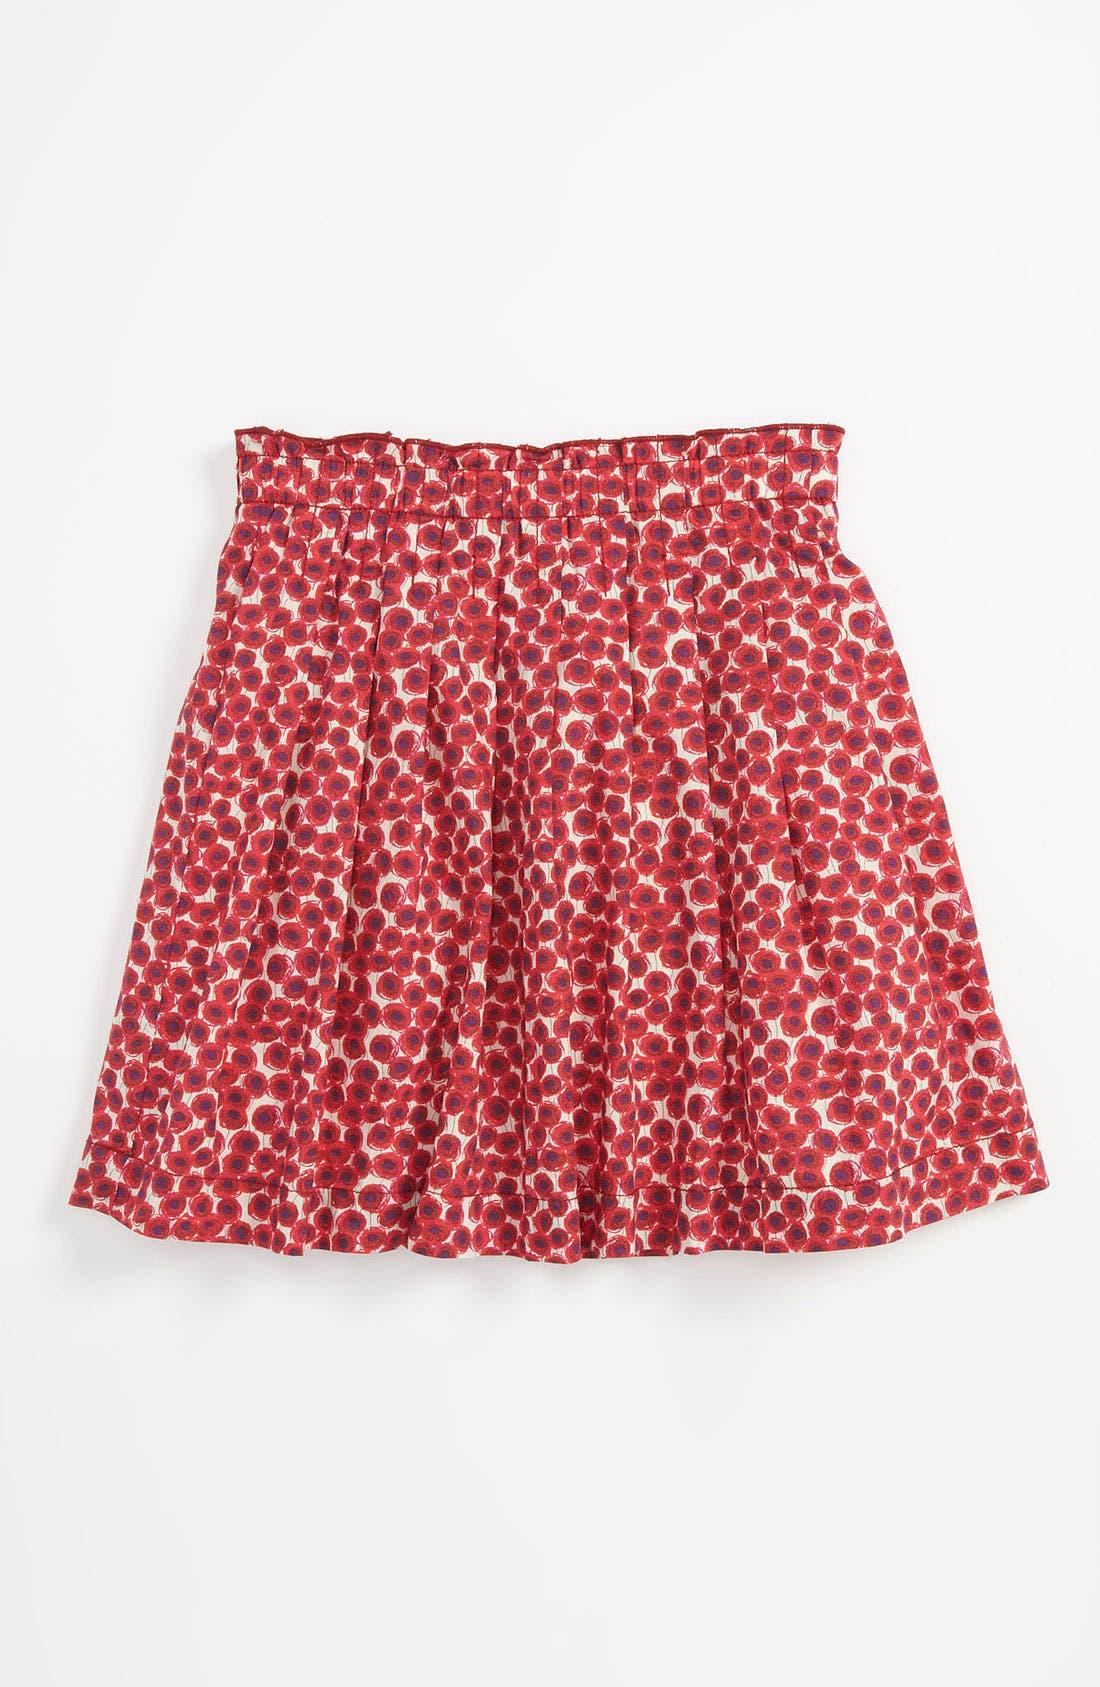 Alternate Image 1 Selected - Peek 'Wildflower' Skirt (Big Girls)